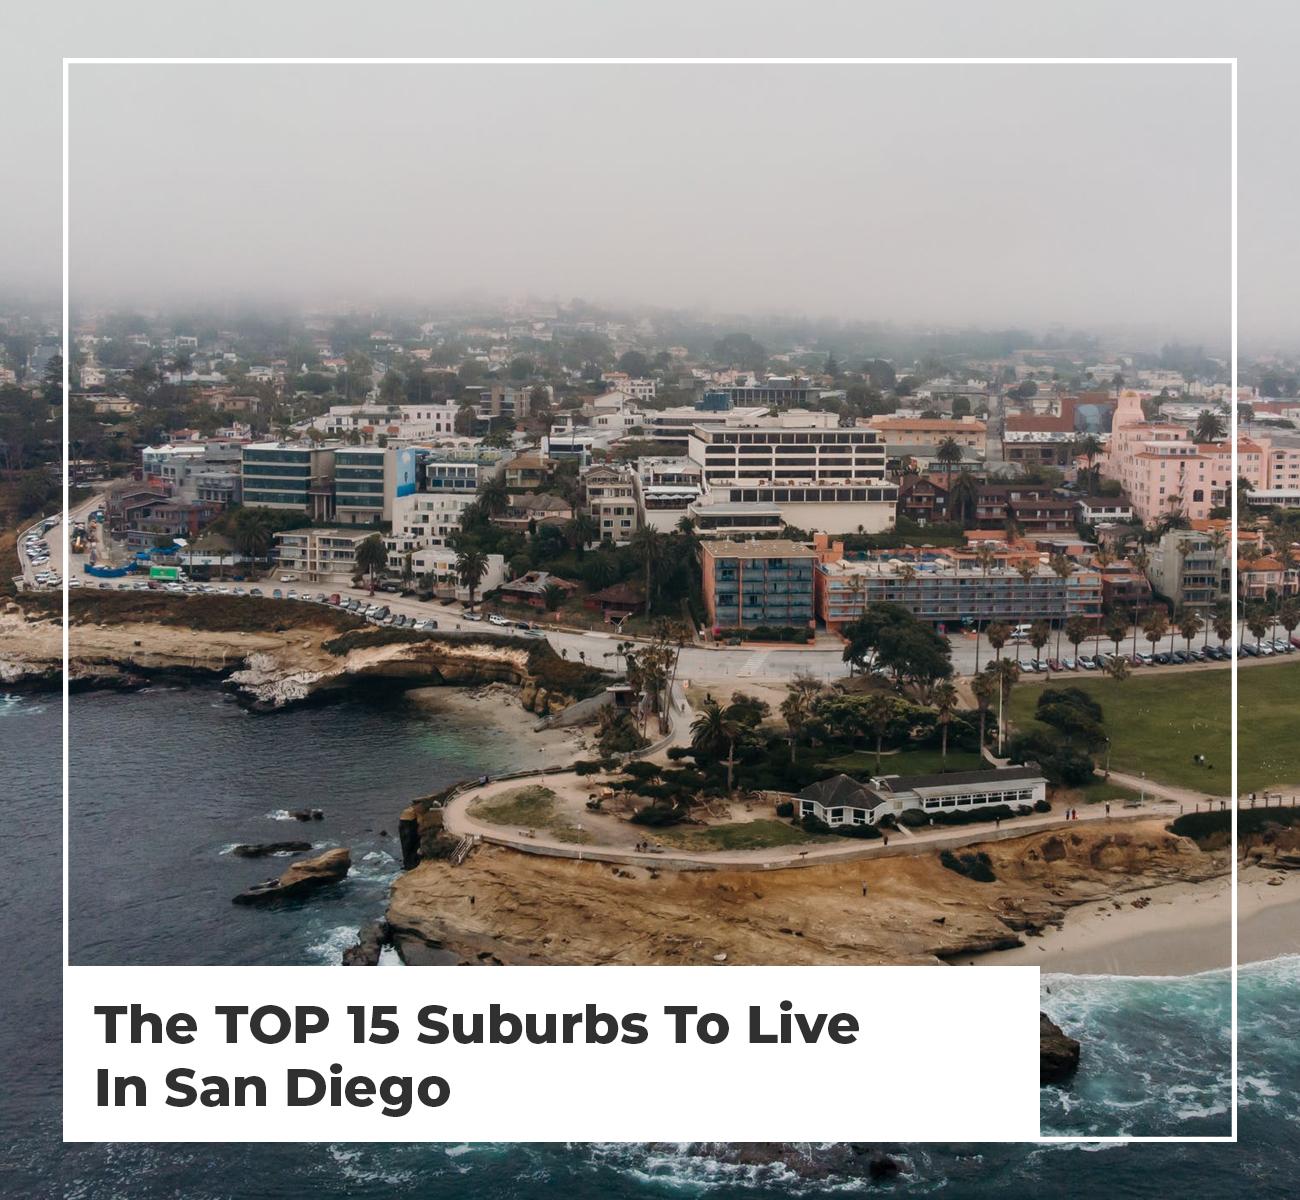 San Diego Suburbs